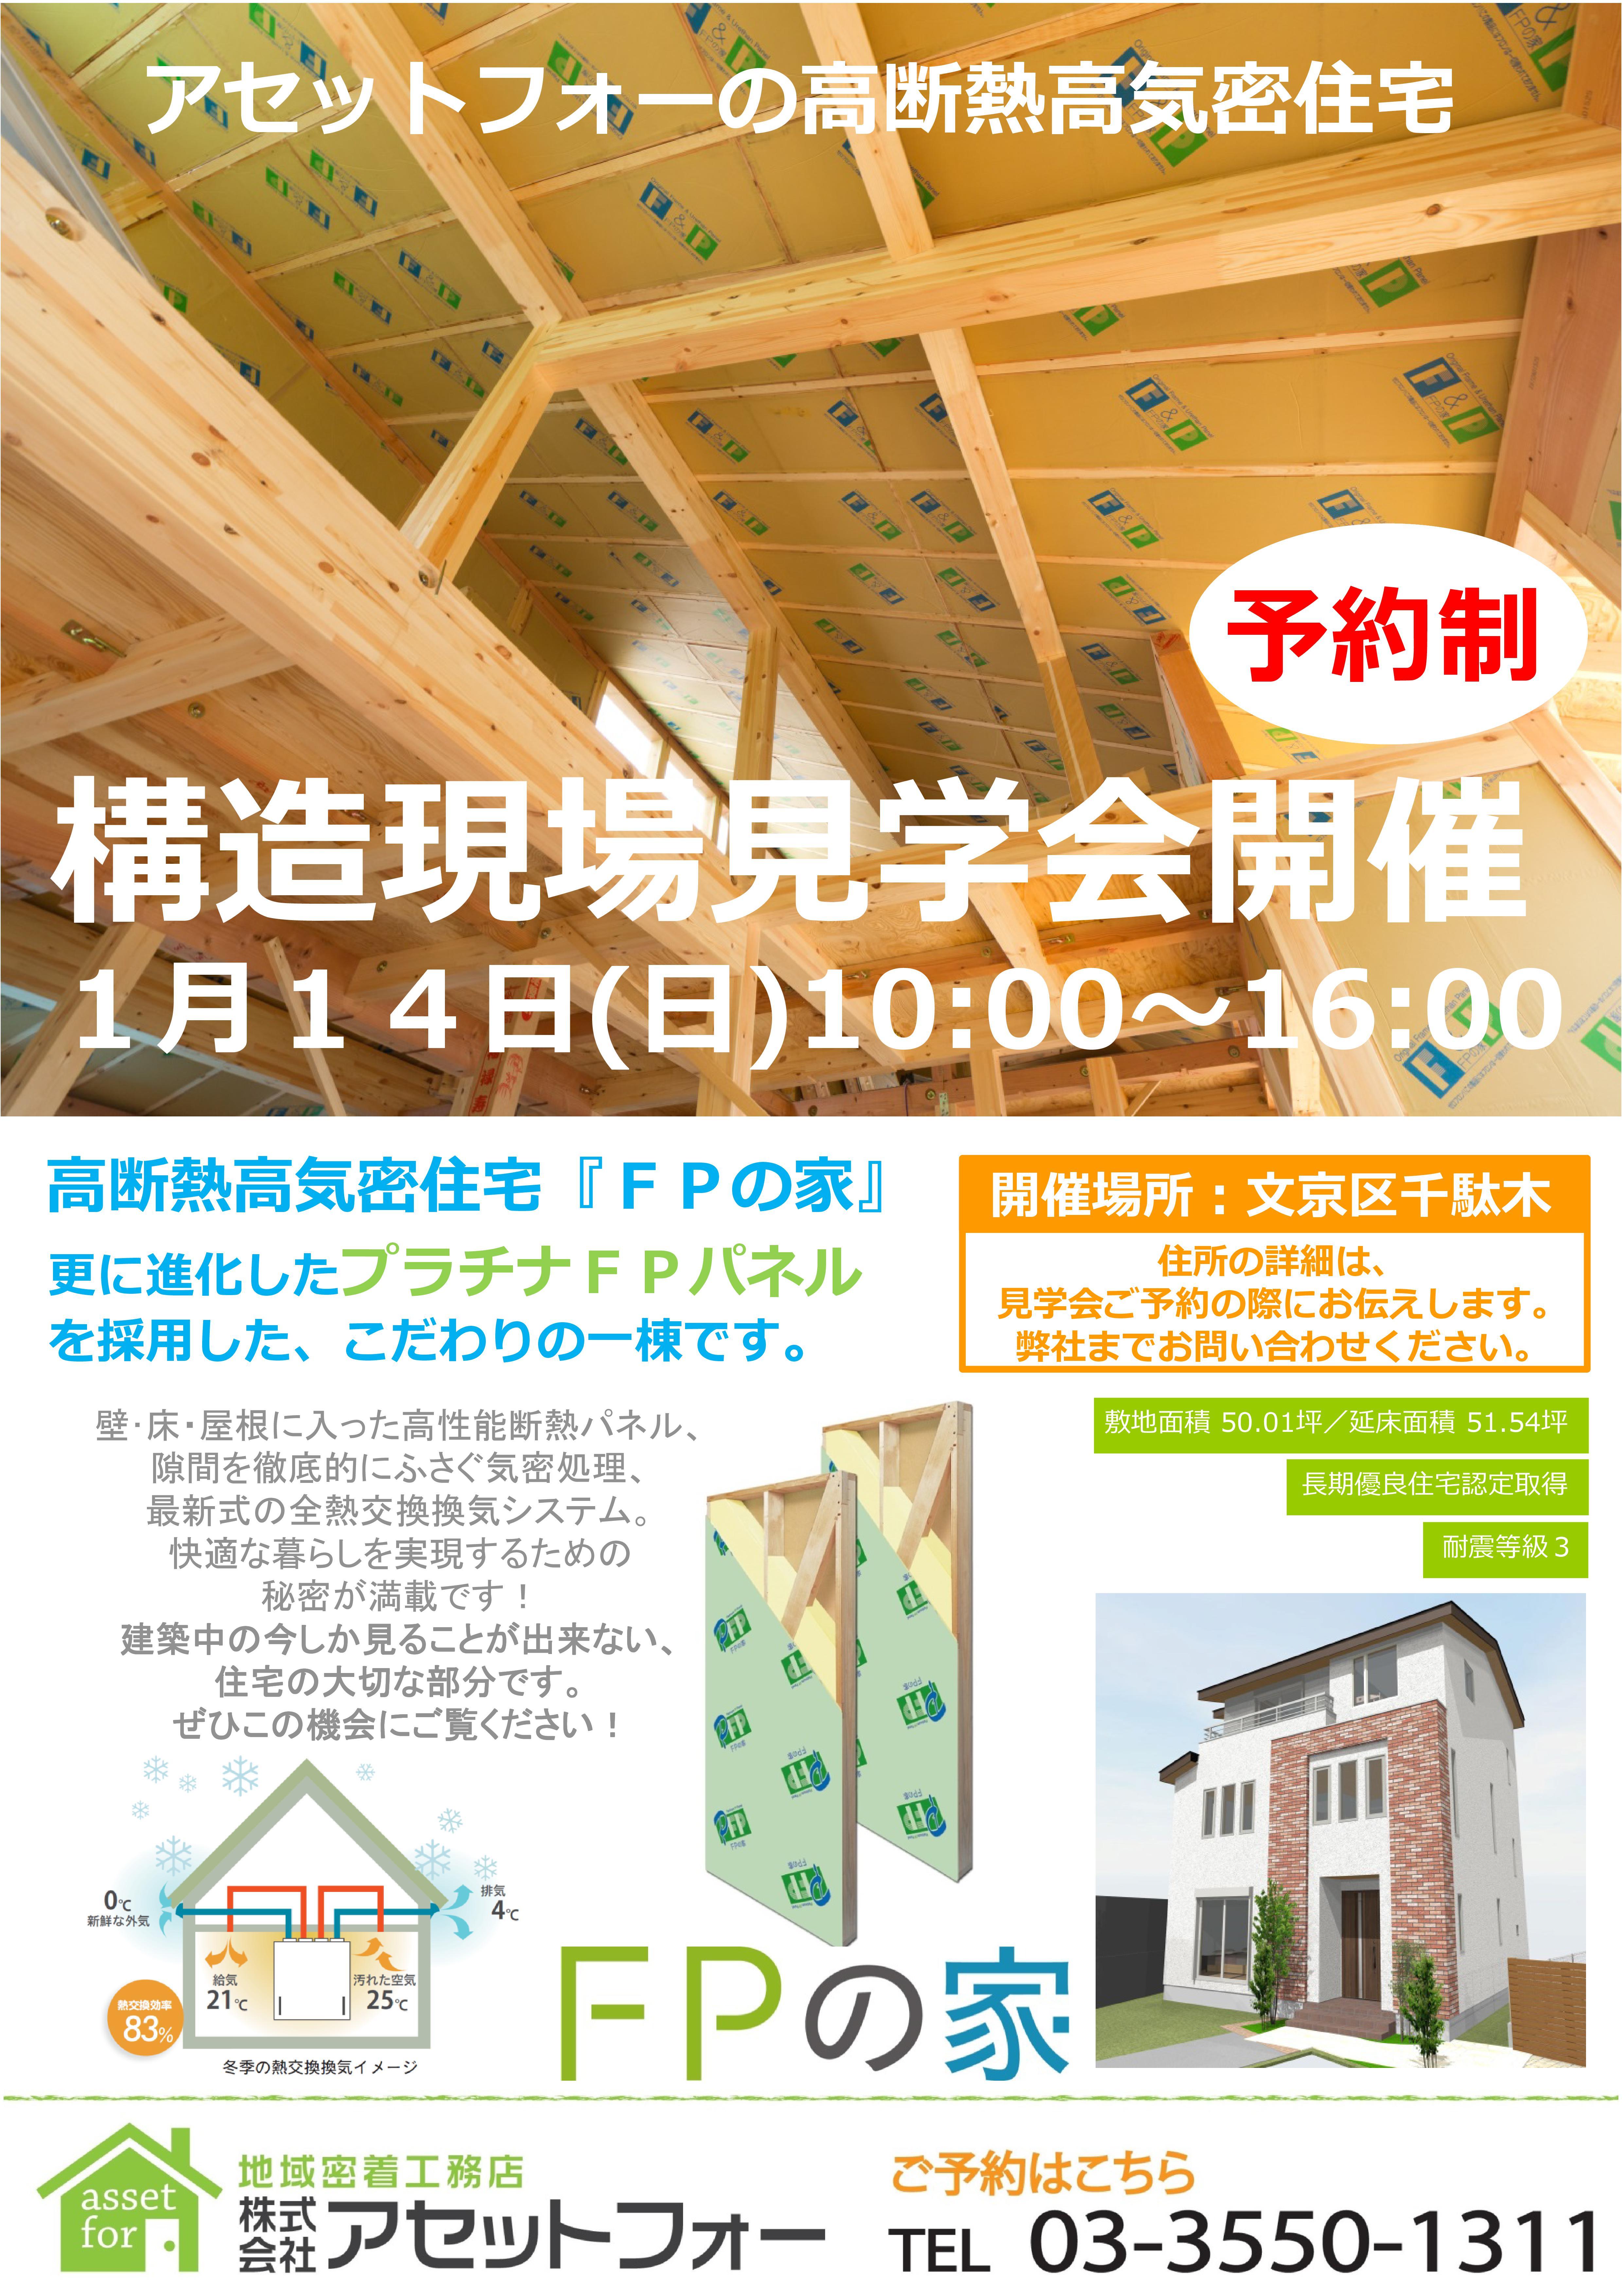 1月14日(日)≪予約制≫ 文京区千駄木「FPの家」構造見学会!